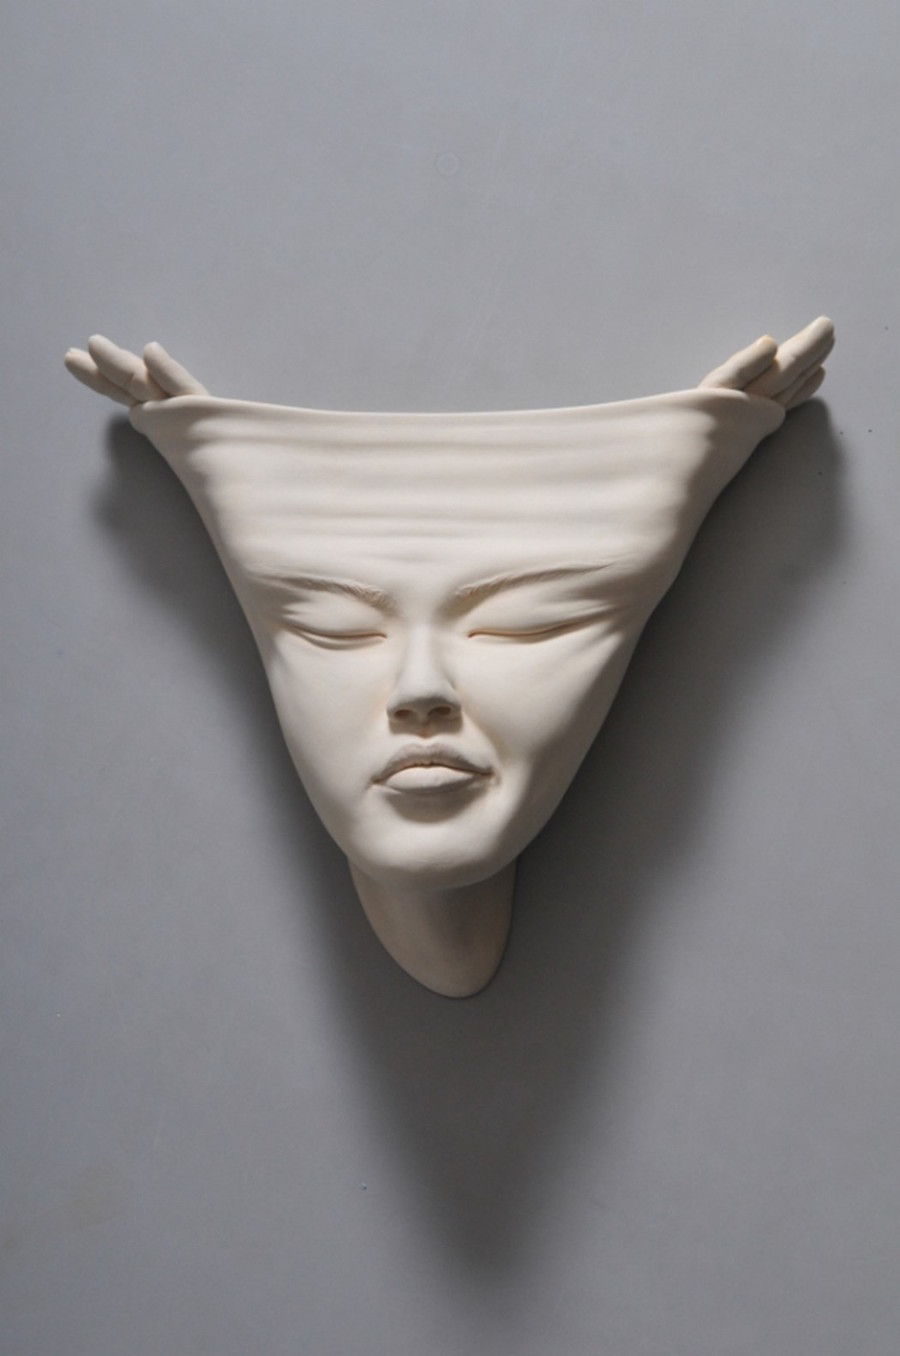 Minti deschise: Sculpturi suprarealiste din portelan - Poza 3